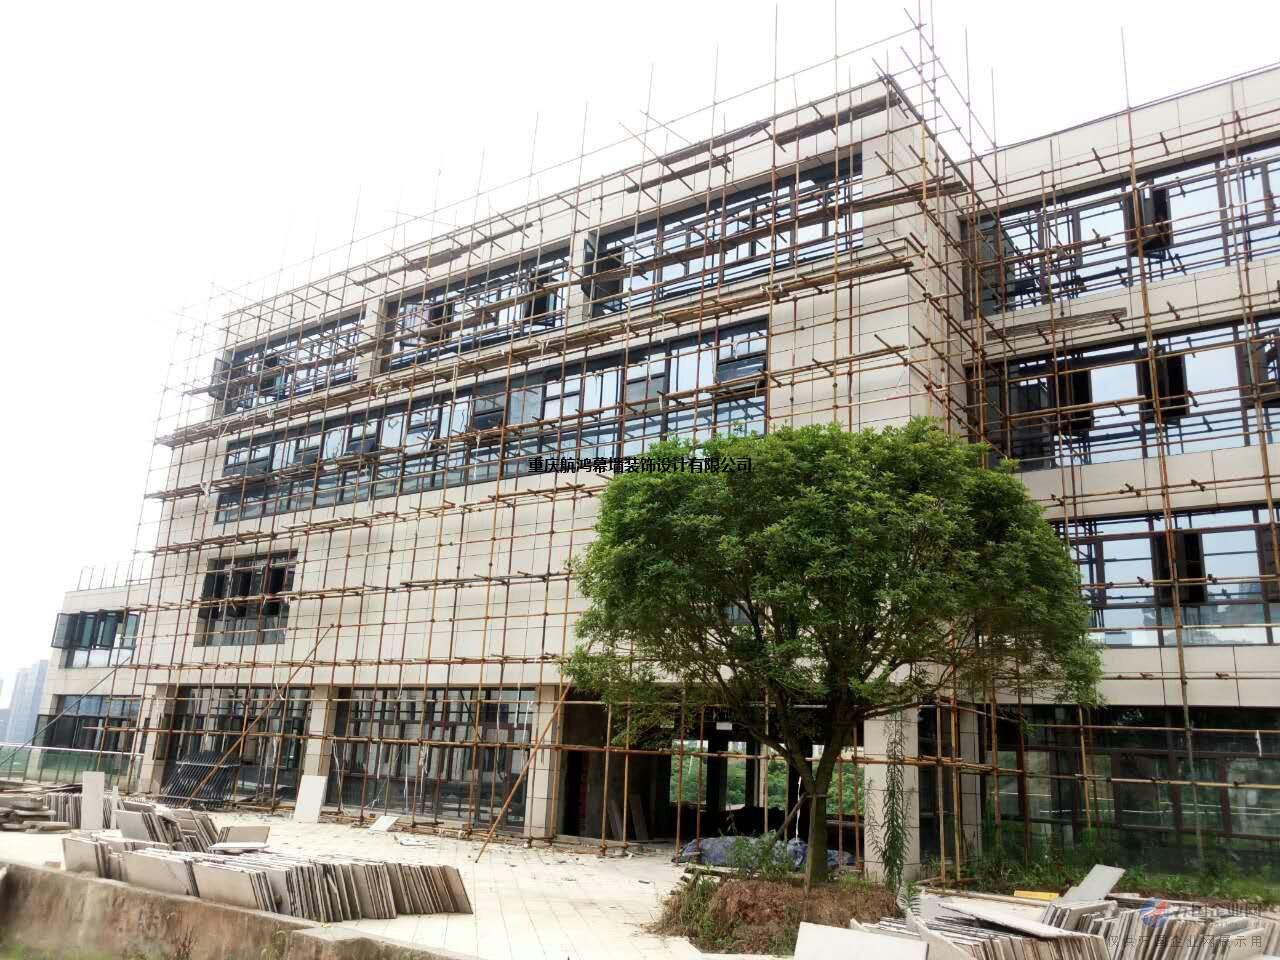 重庆璧山区外墙翻新|璧山区幕墙改造|设计安装重庆航鸿幕墙公司